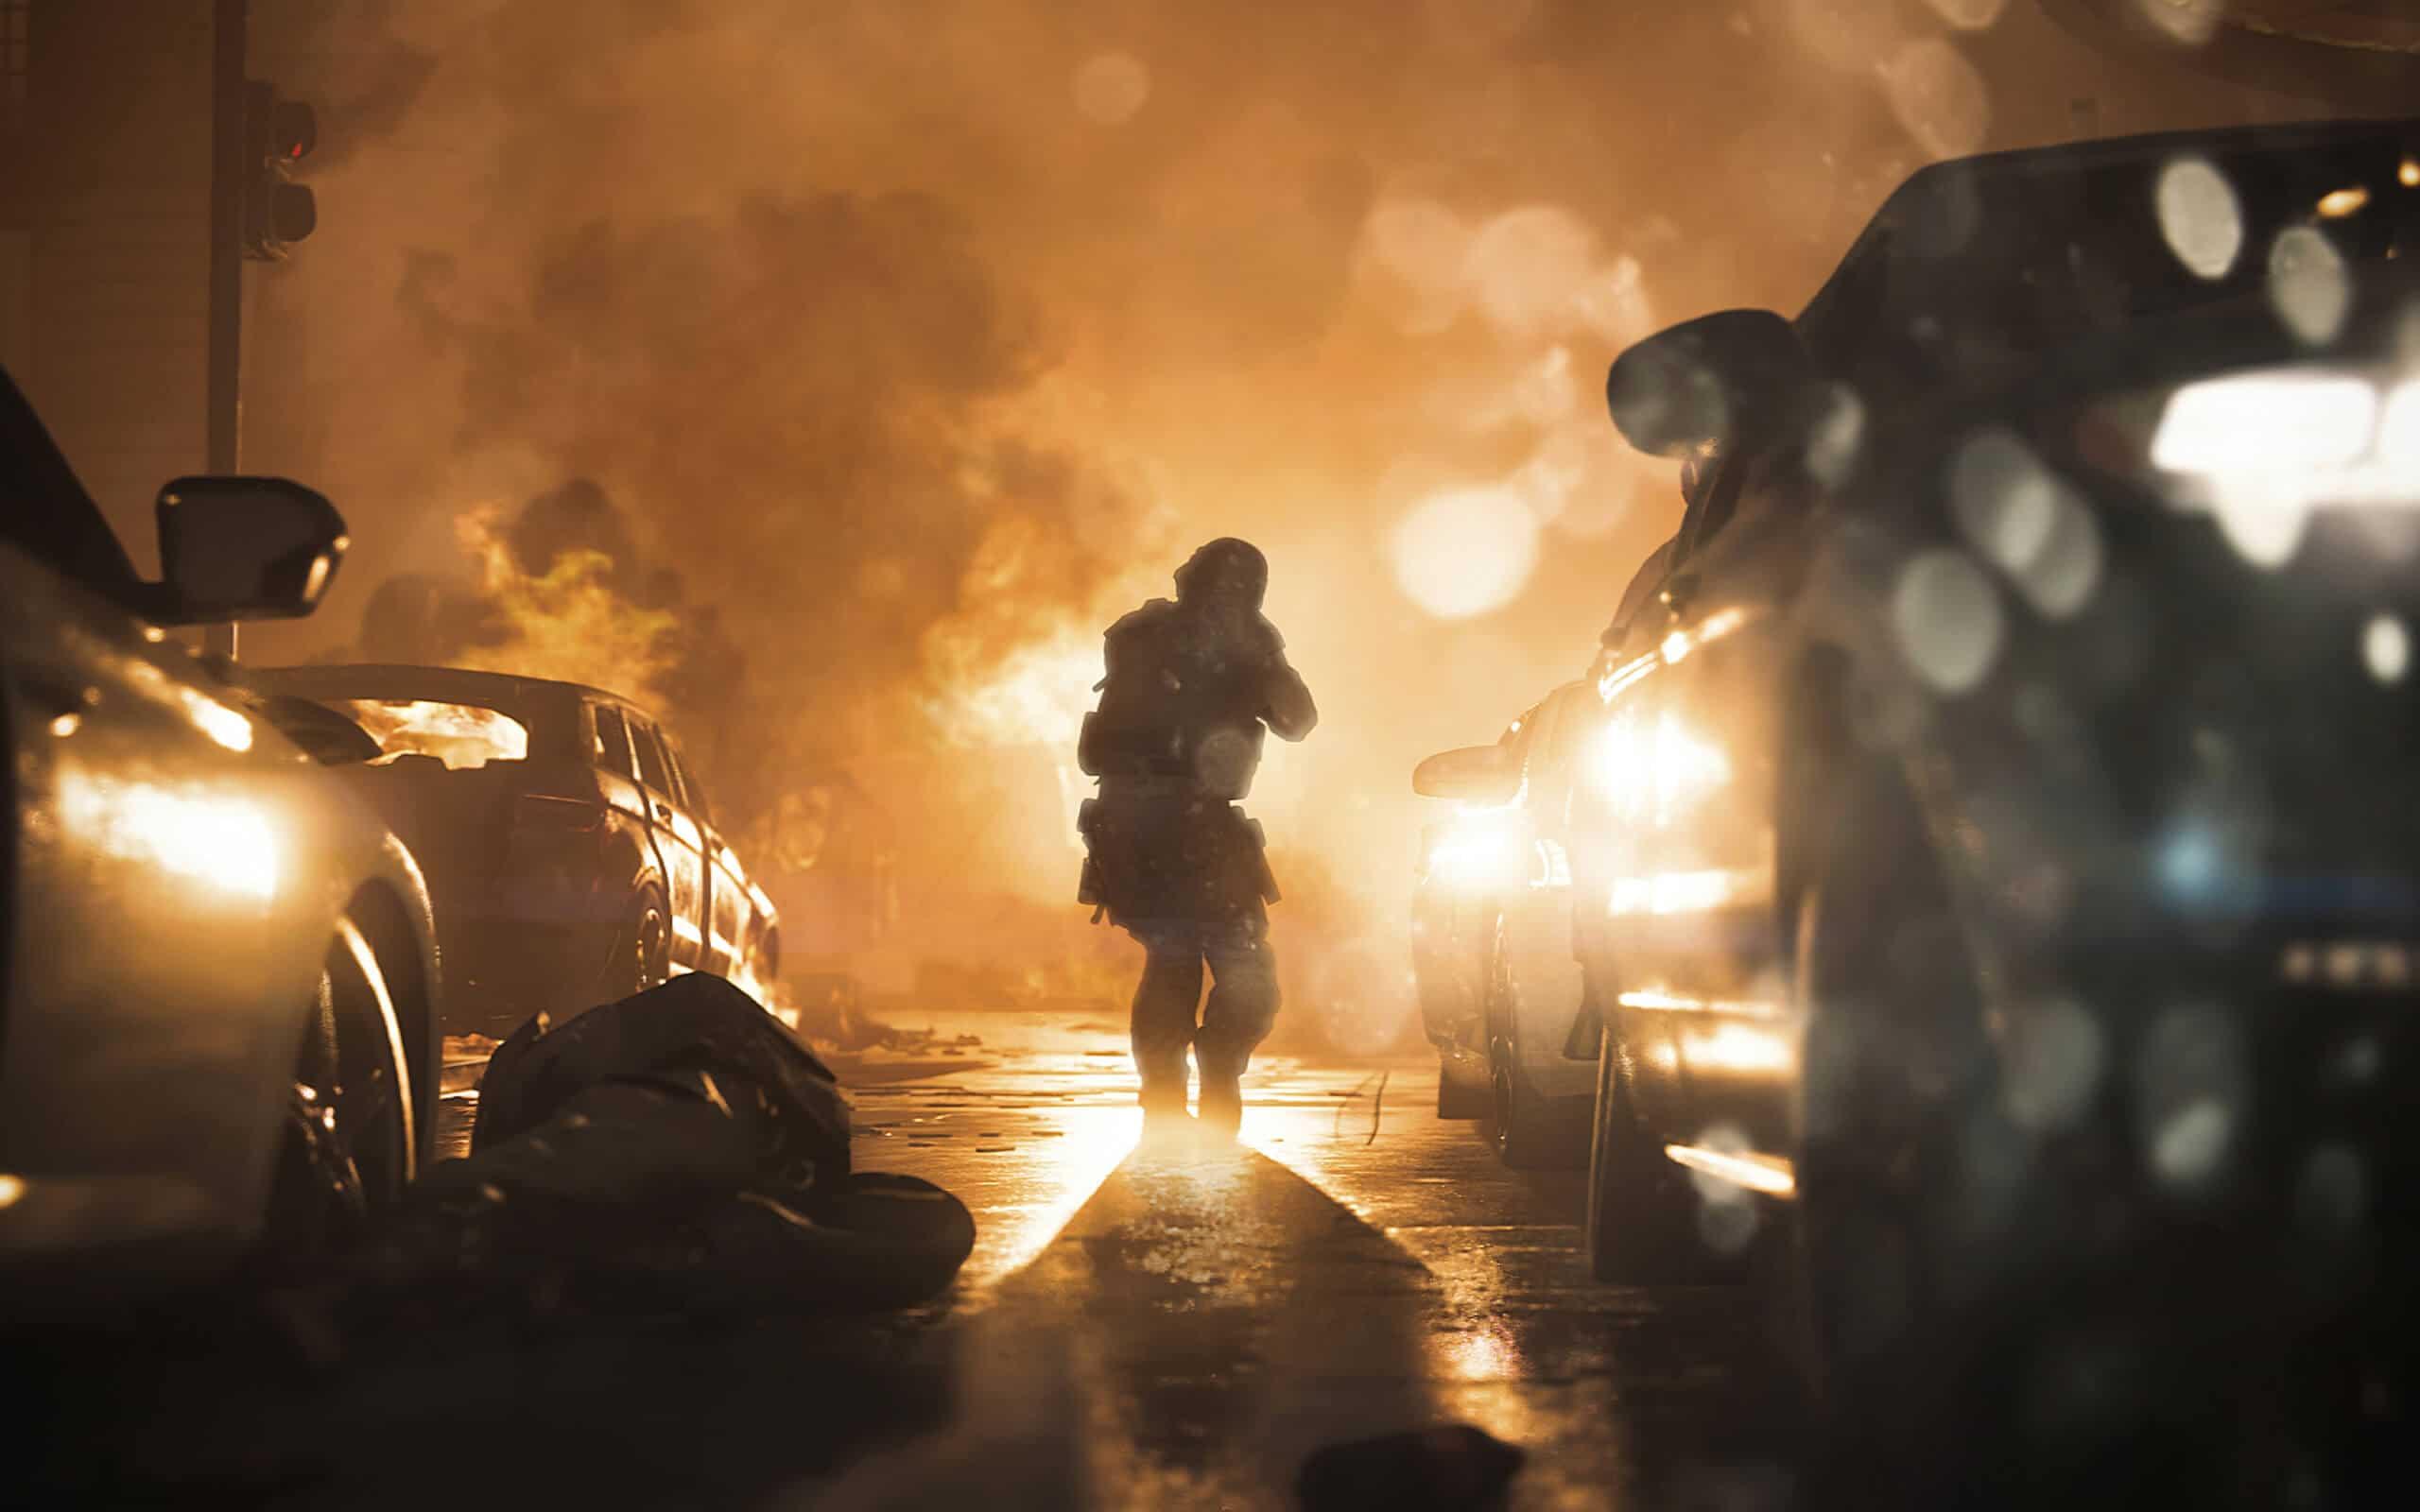 Баг, который убивает через стены в Call of Duty